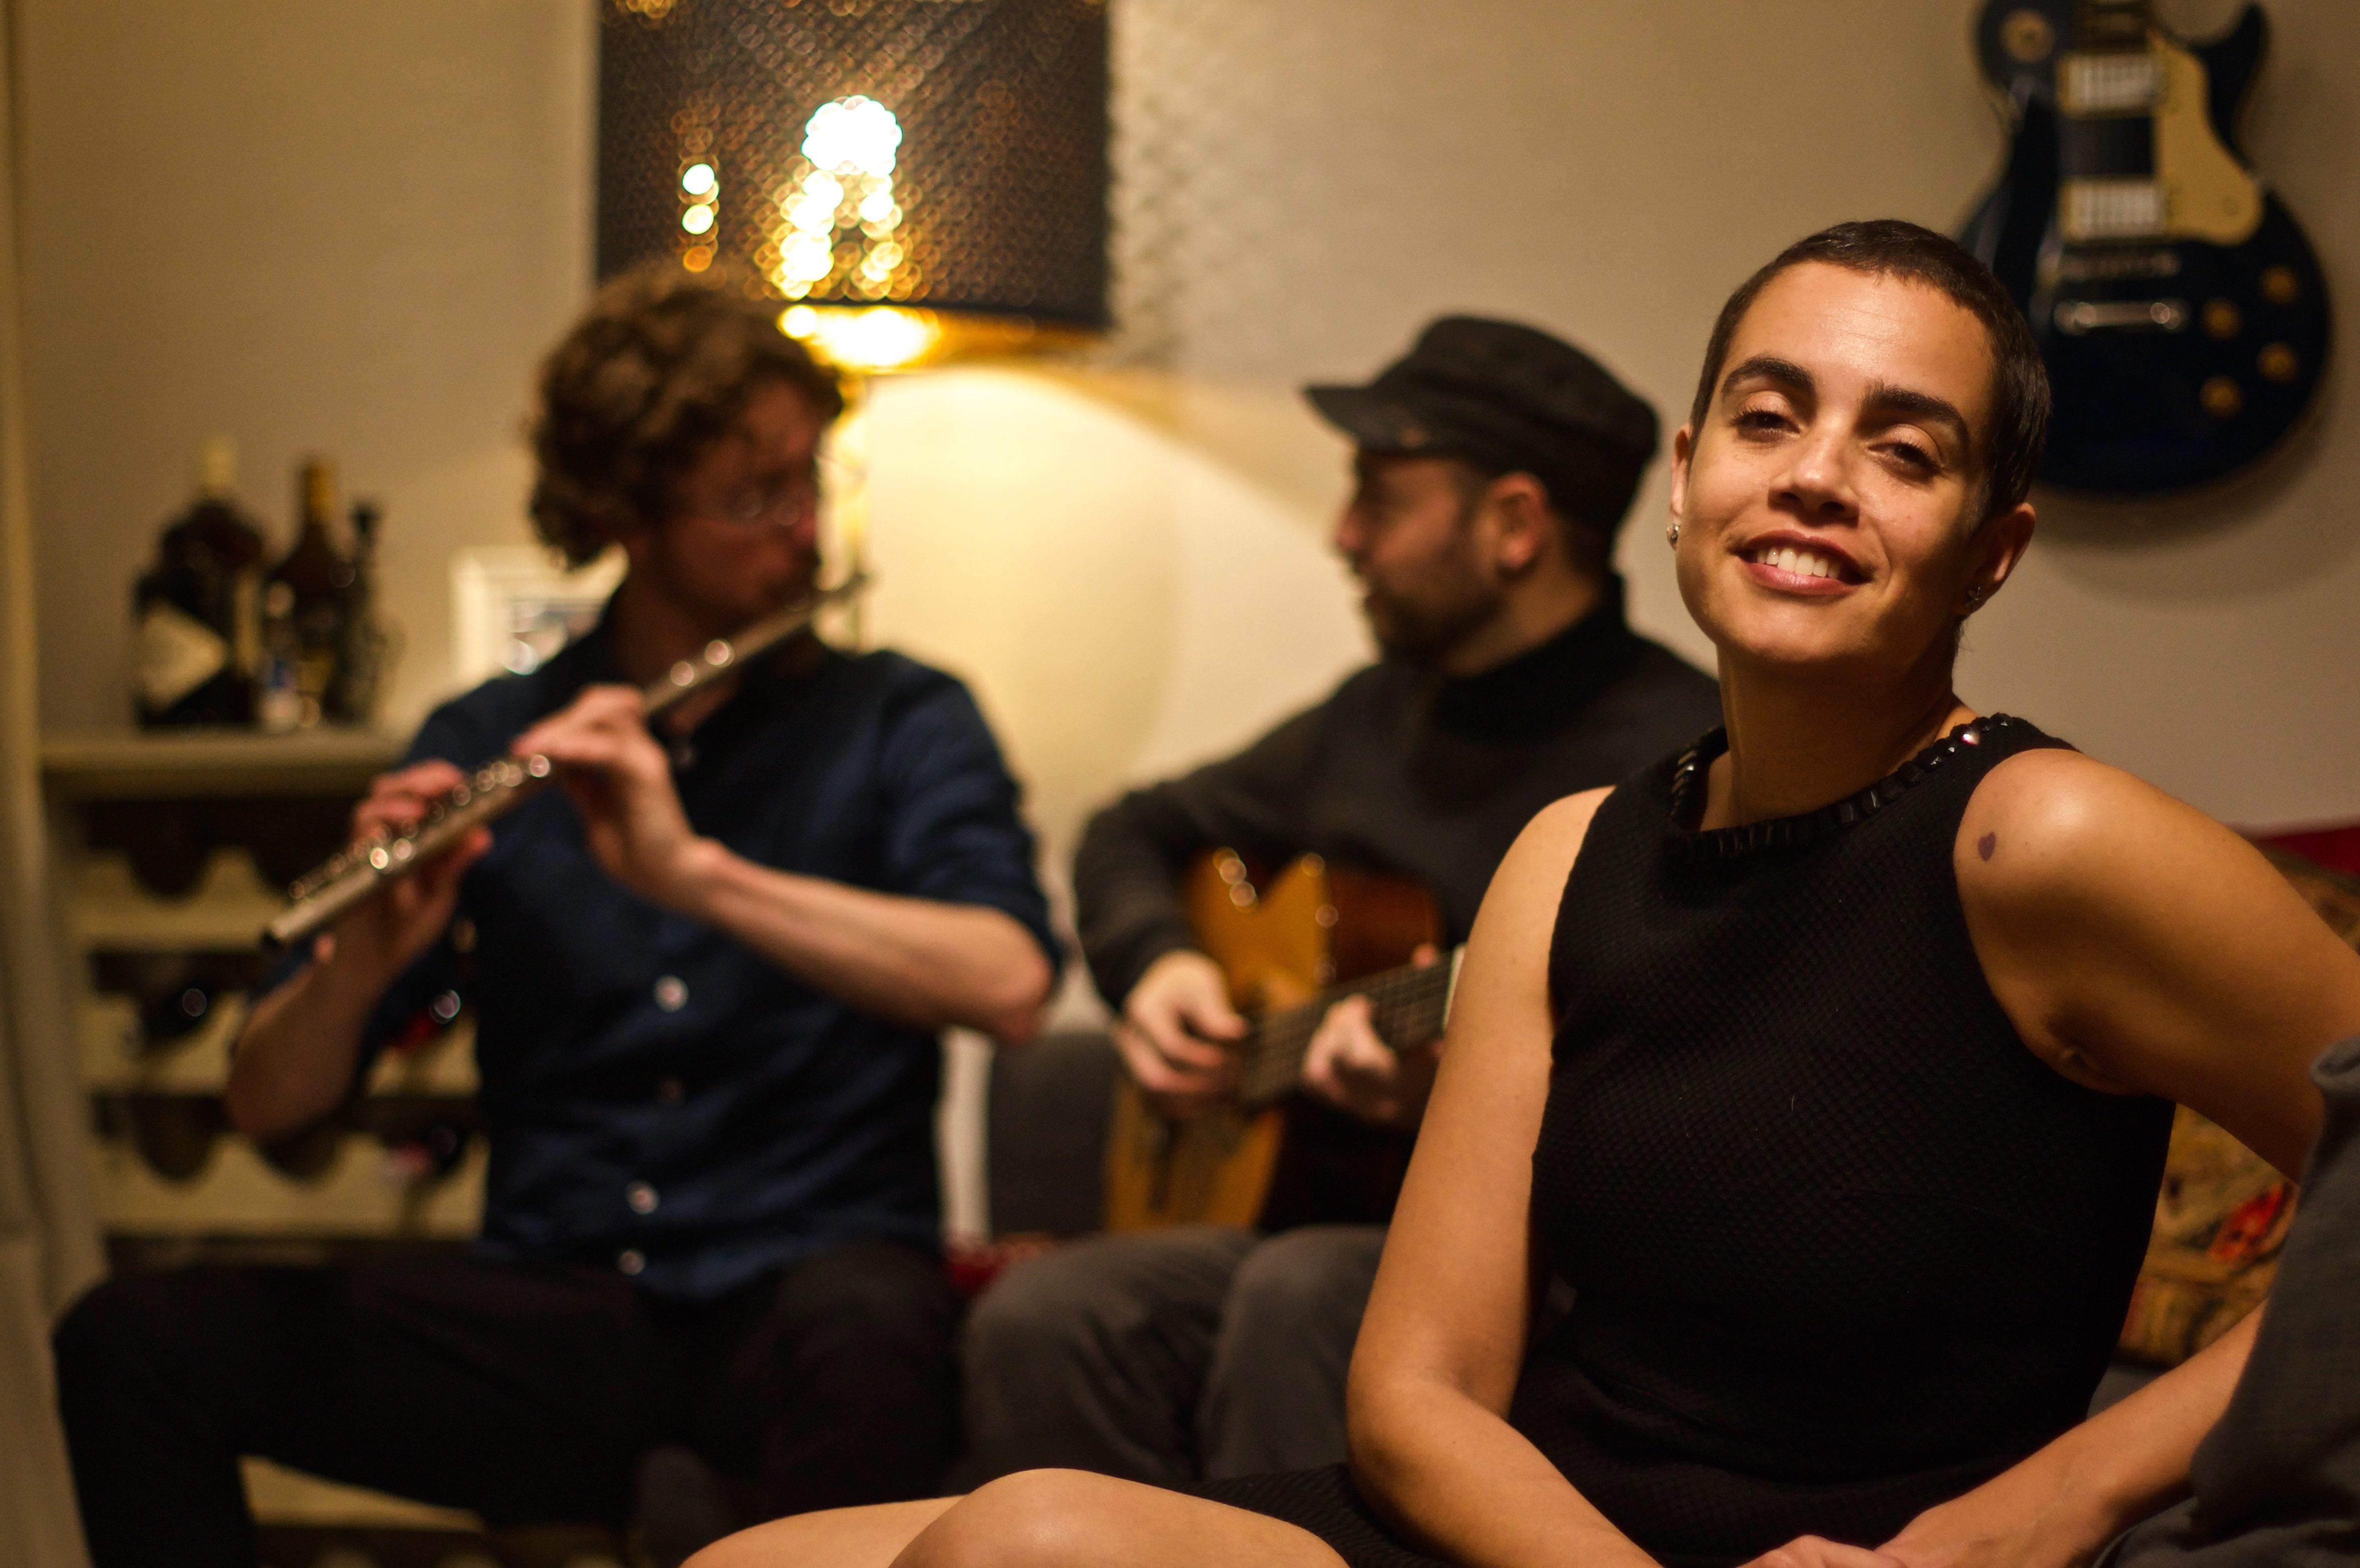 Marina Ribeiro 4tet @ Aix-en-Provence [Brazilian Music Aix-en-Provence]